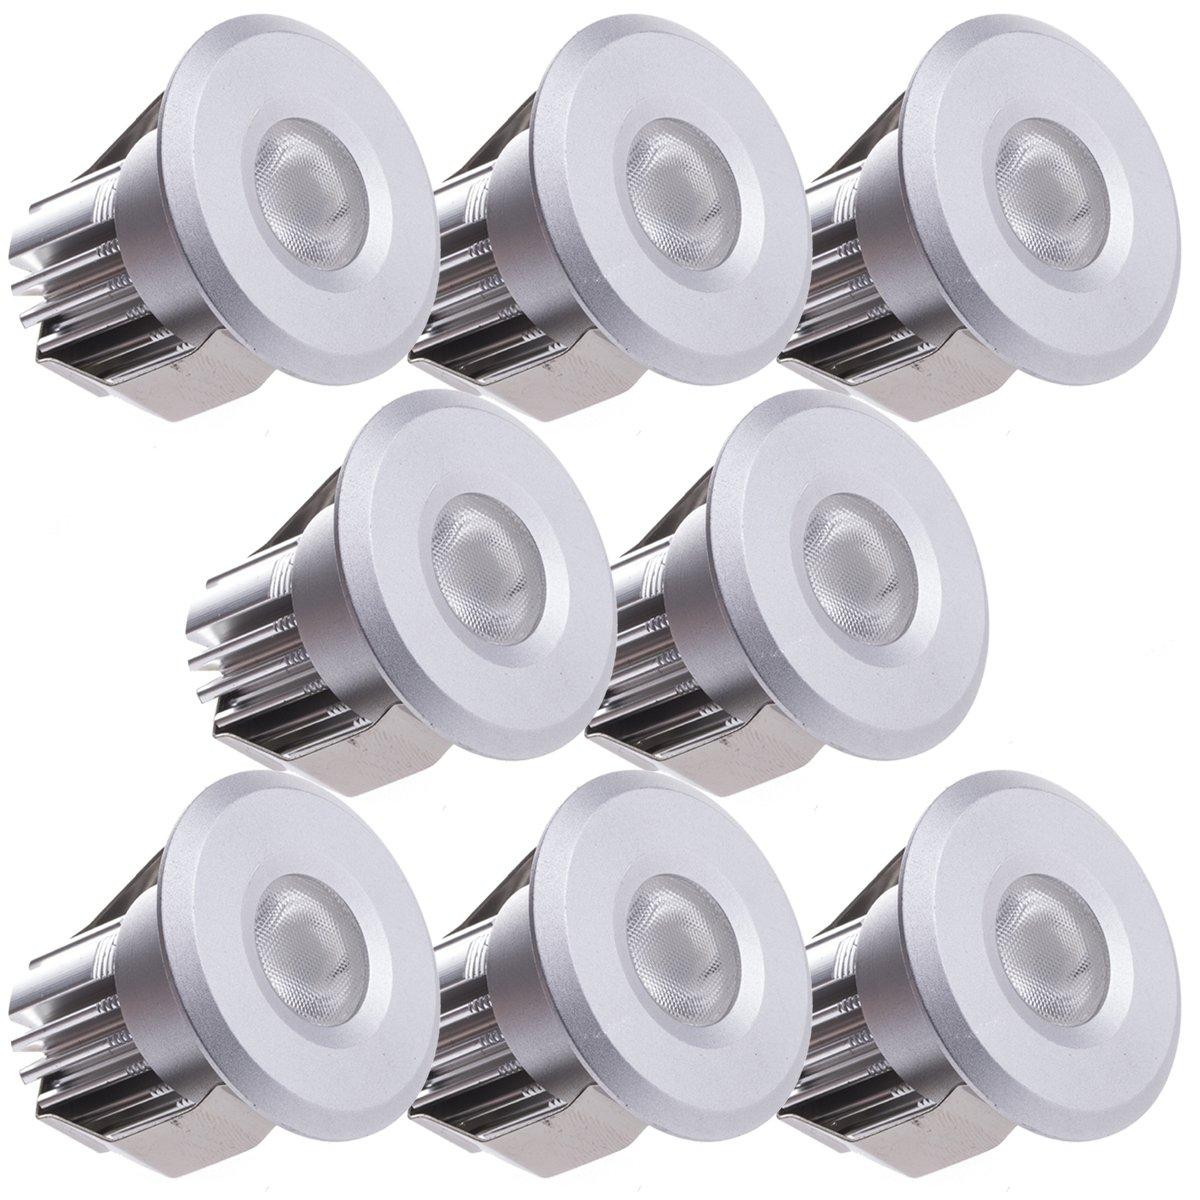 Sensati Kleine Miniatur LED Einbauleuchte Downlight Spot Set zu 8 Stück, dimmbar, 1200 lm, inklusive Treiber, Gehäusefarbe silber, kaltweiß T102 8 CW S